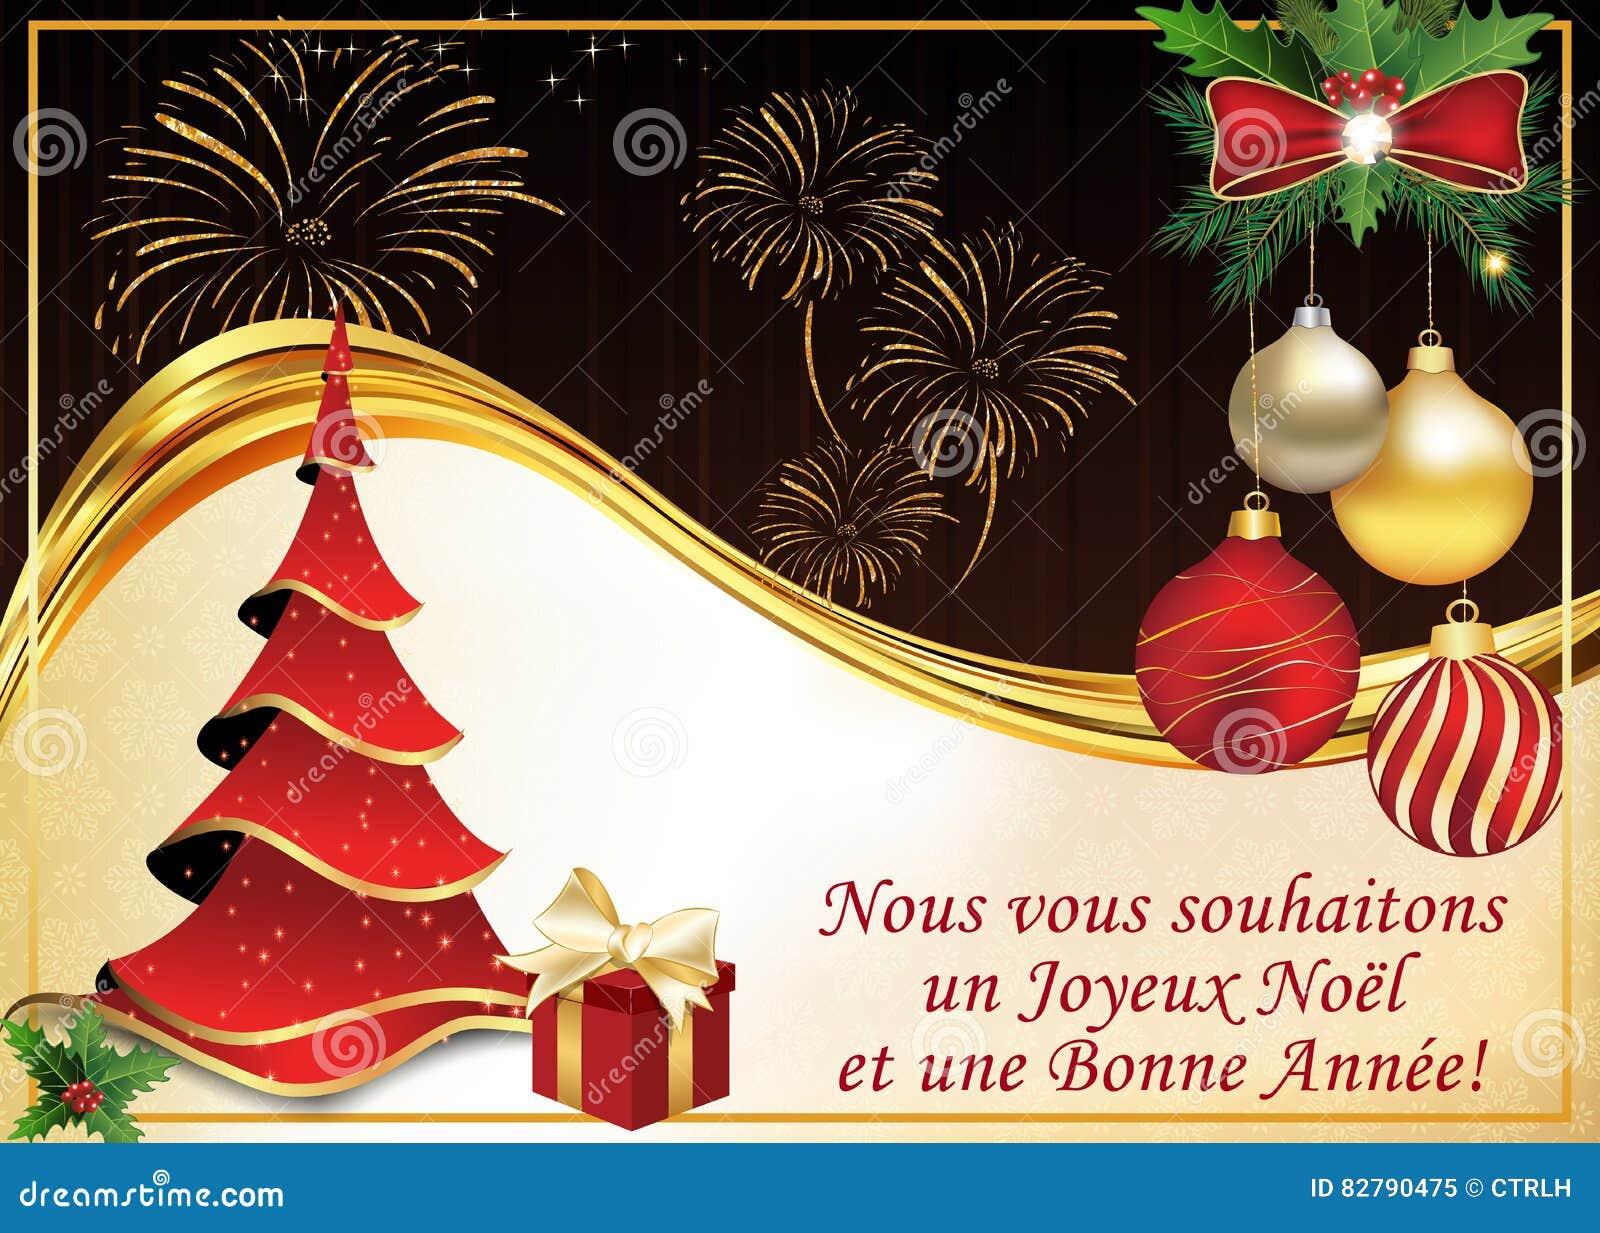 Wir Wünschen Euch Frohe Weihnachten Und Einen Guten Rutsch.Französische Grußkarte Wir Wünschen Ihnen Frohe Weihnachten Und